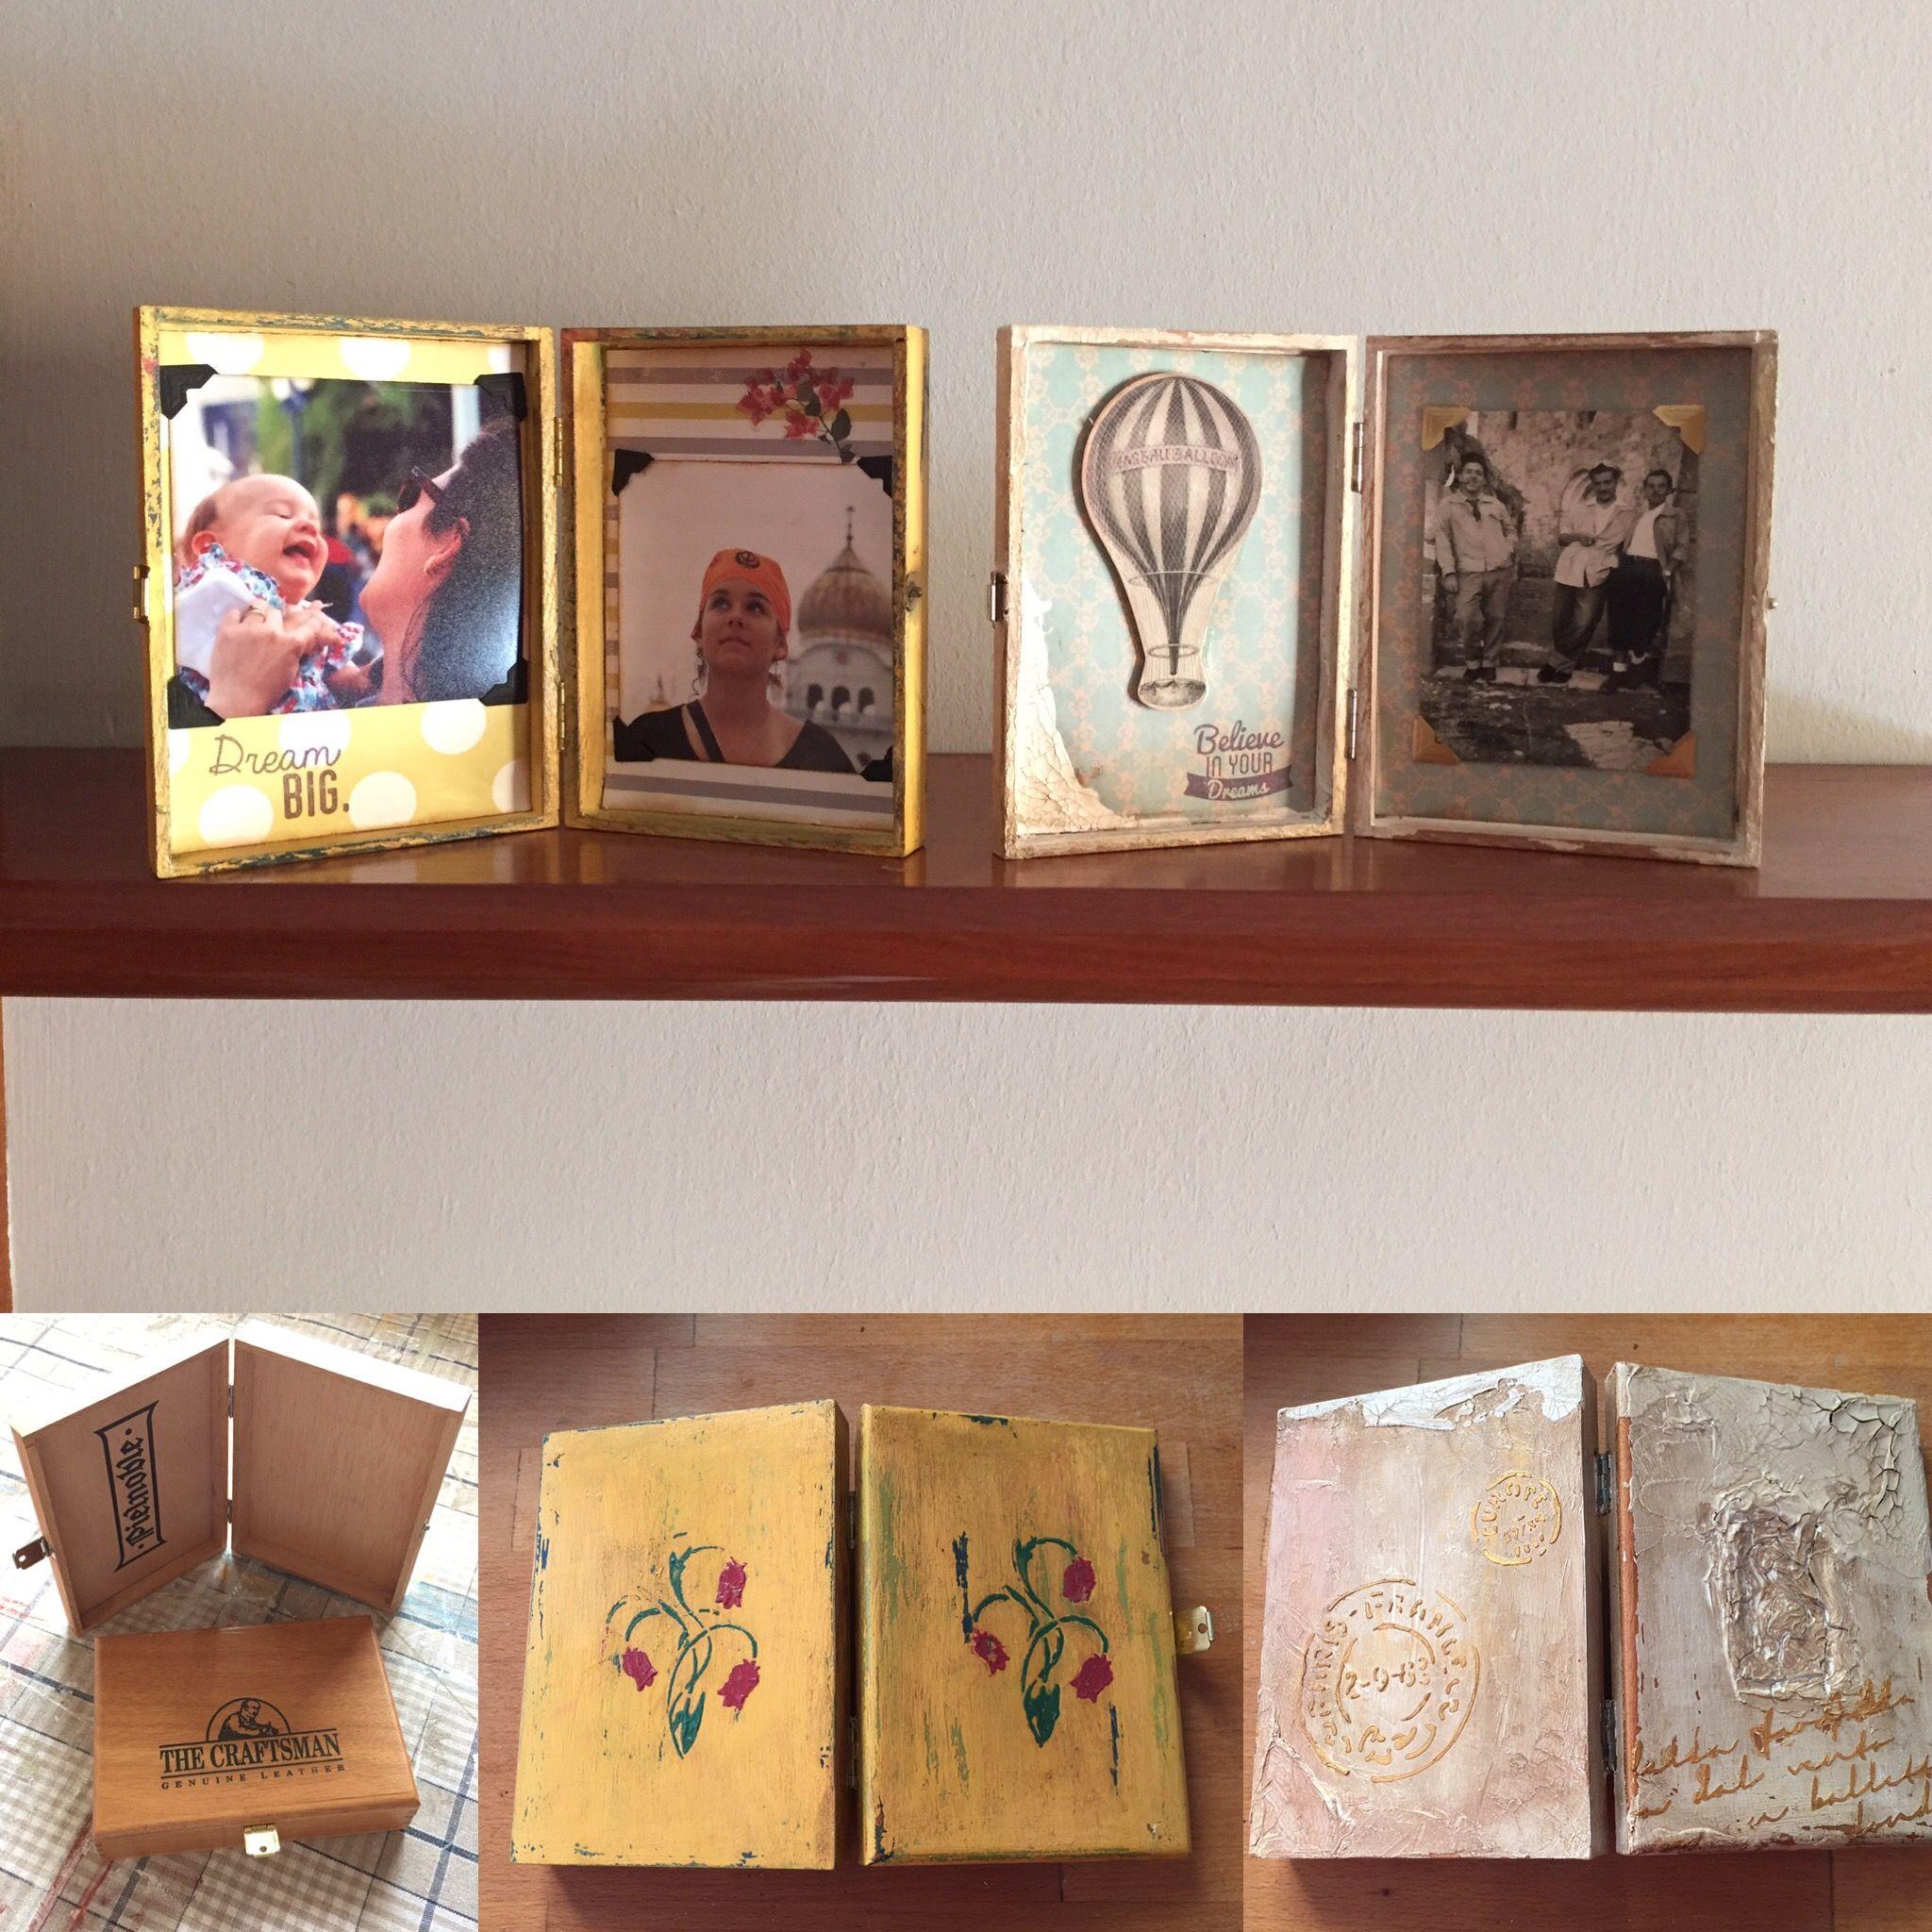 marcos hechos a partir de unas cajas de madera | marcos y cuadros ...